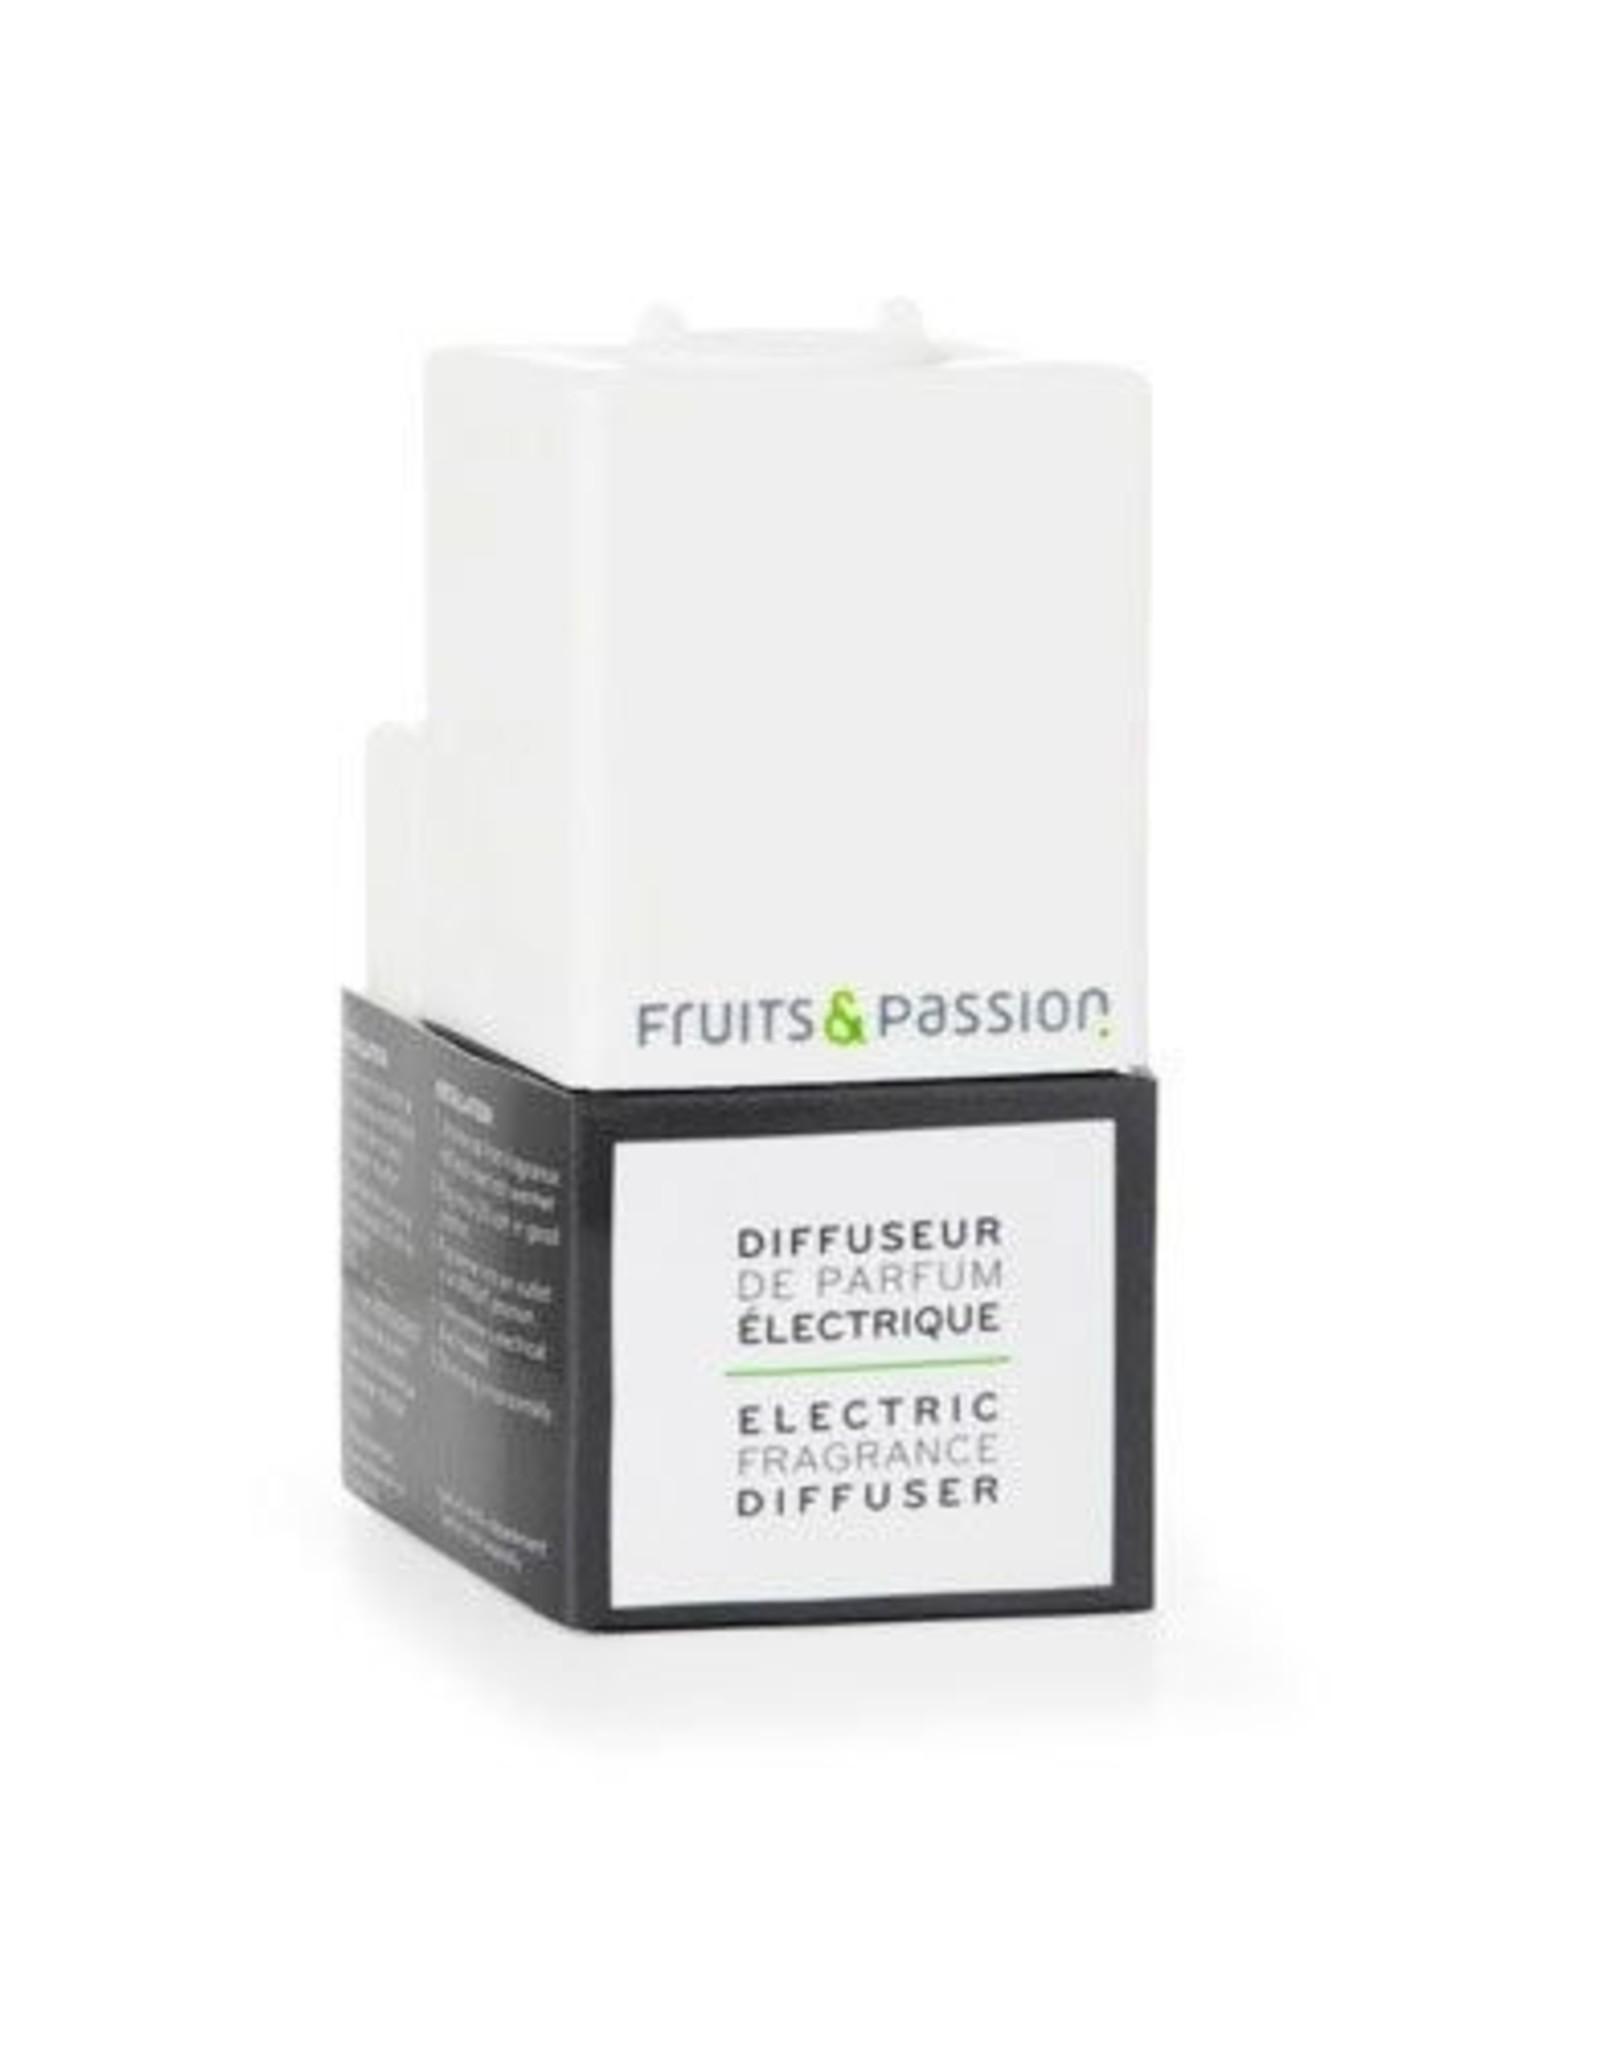 Fruits et Passion Diffuseur de Parfum Électrique Blanc